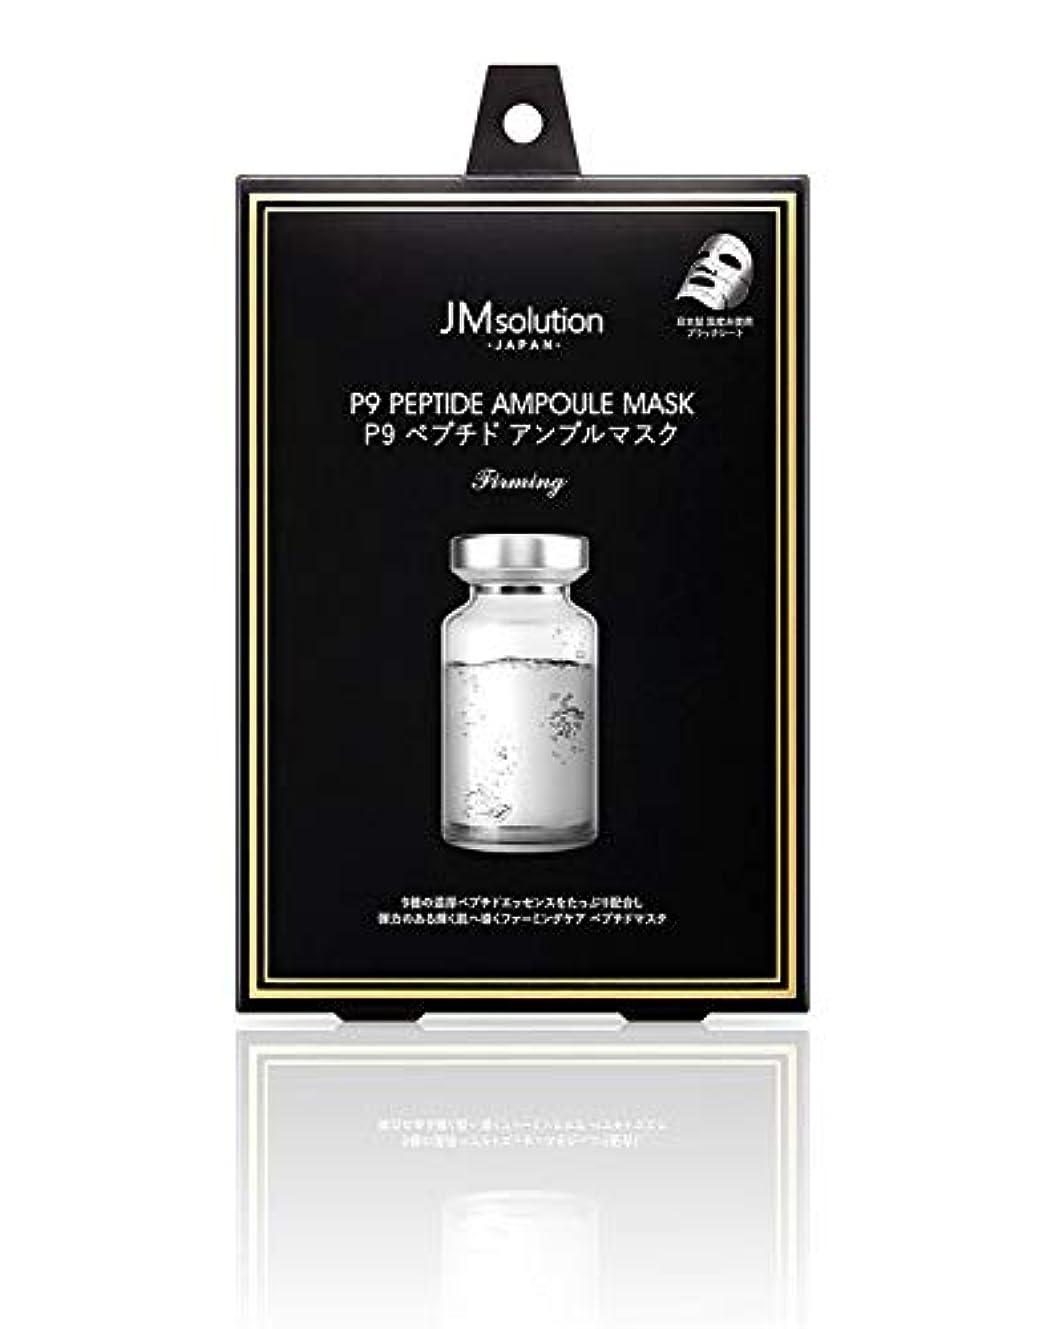 噴出する突っ込む洋服JMsolution P9 ペプチド アンプルマスク ファーミング 30g×5枚(箱入り)